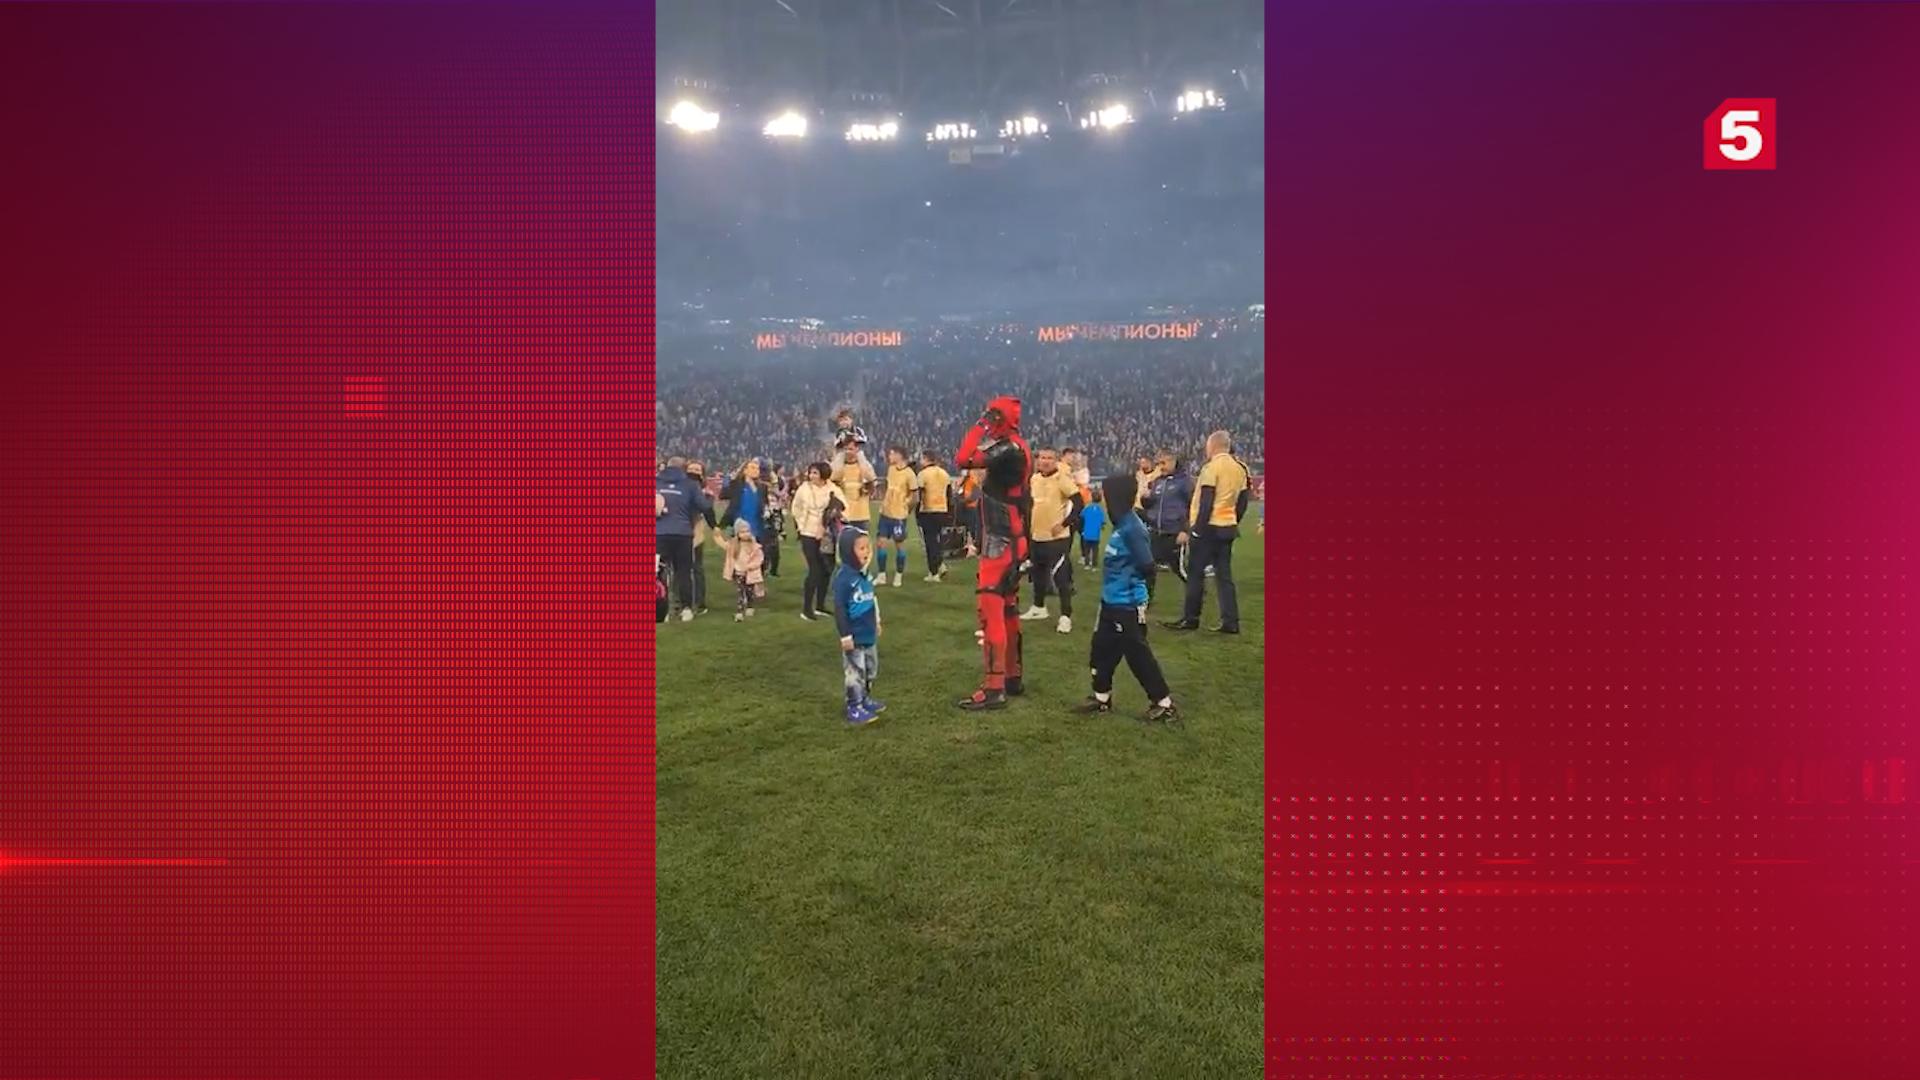 После триумфальной победы «Зенита» Дзюба вышел на поле в костюме Дэдпула